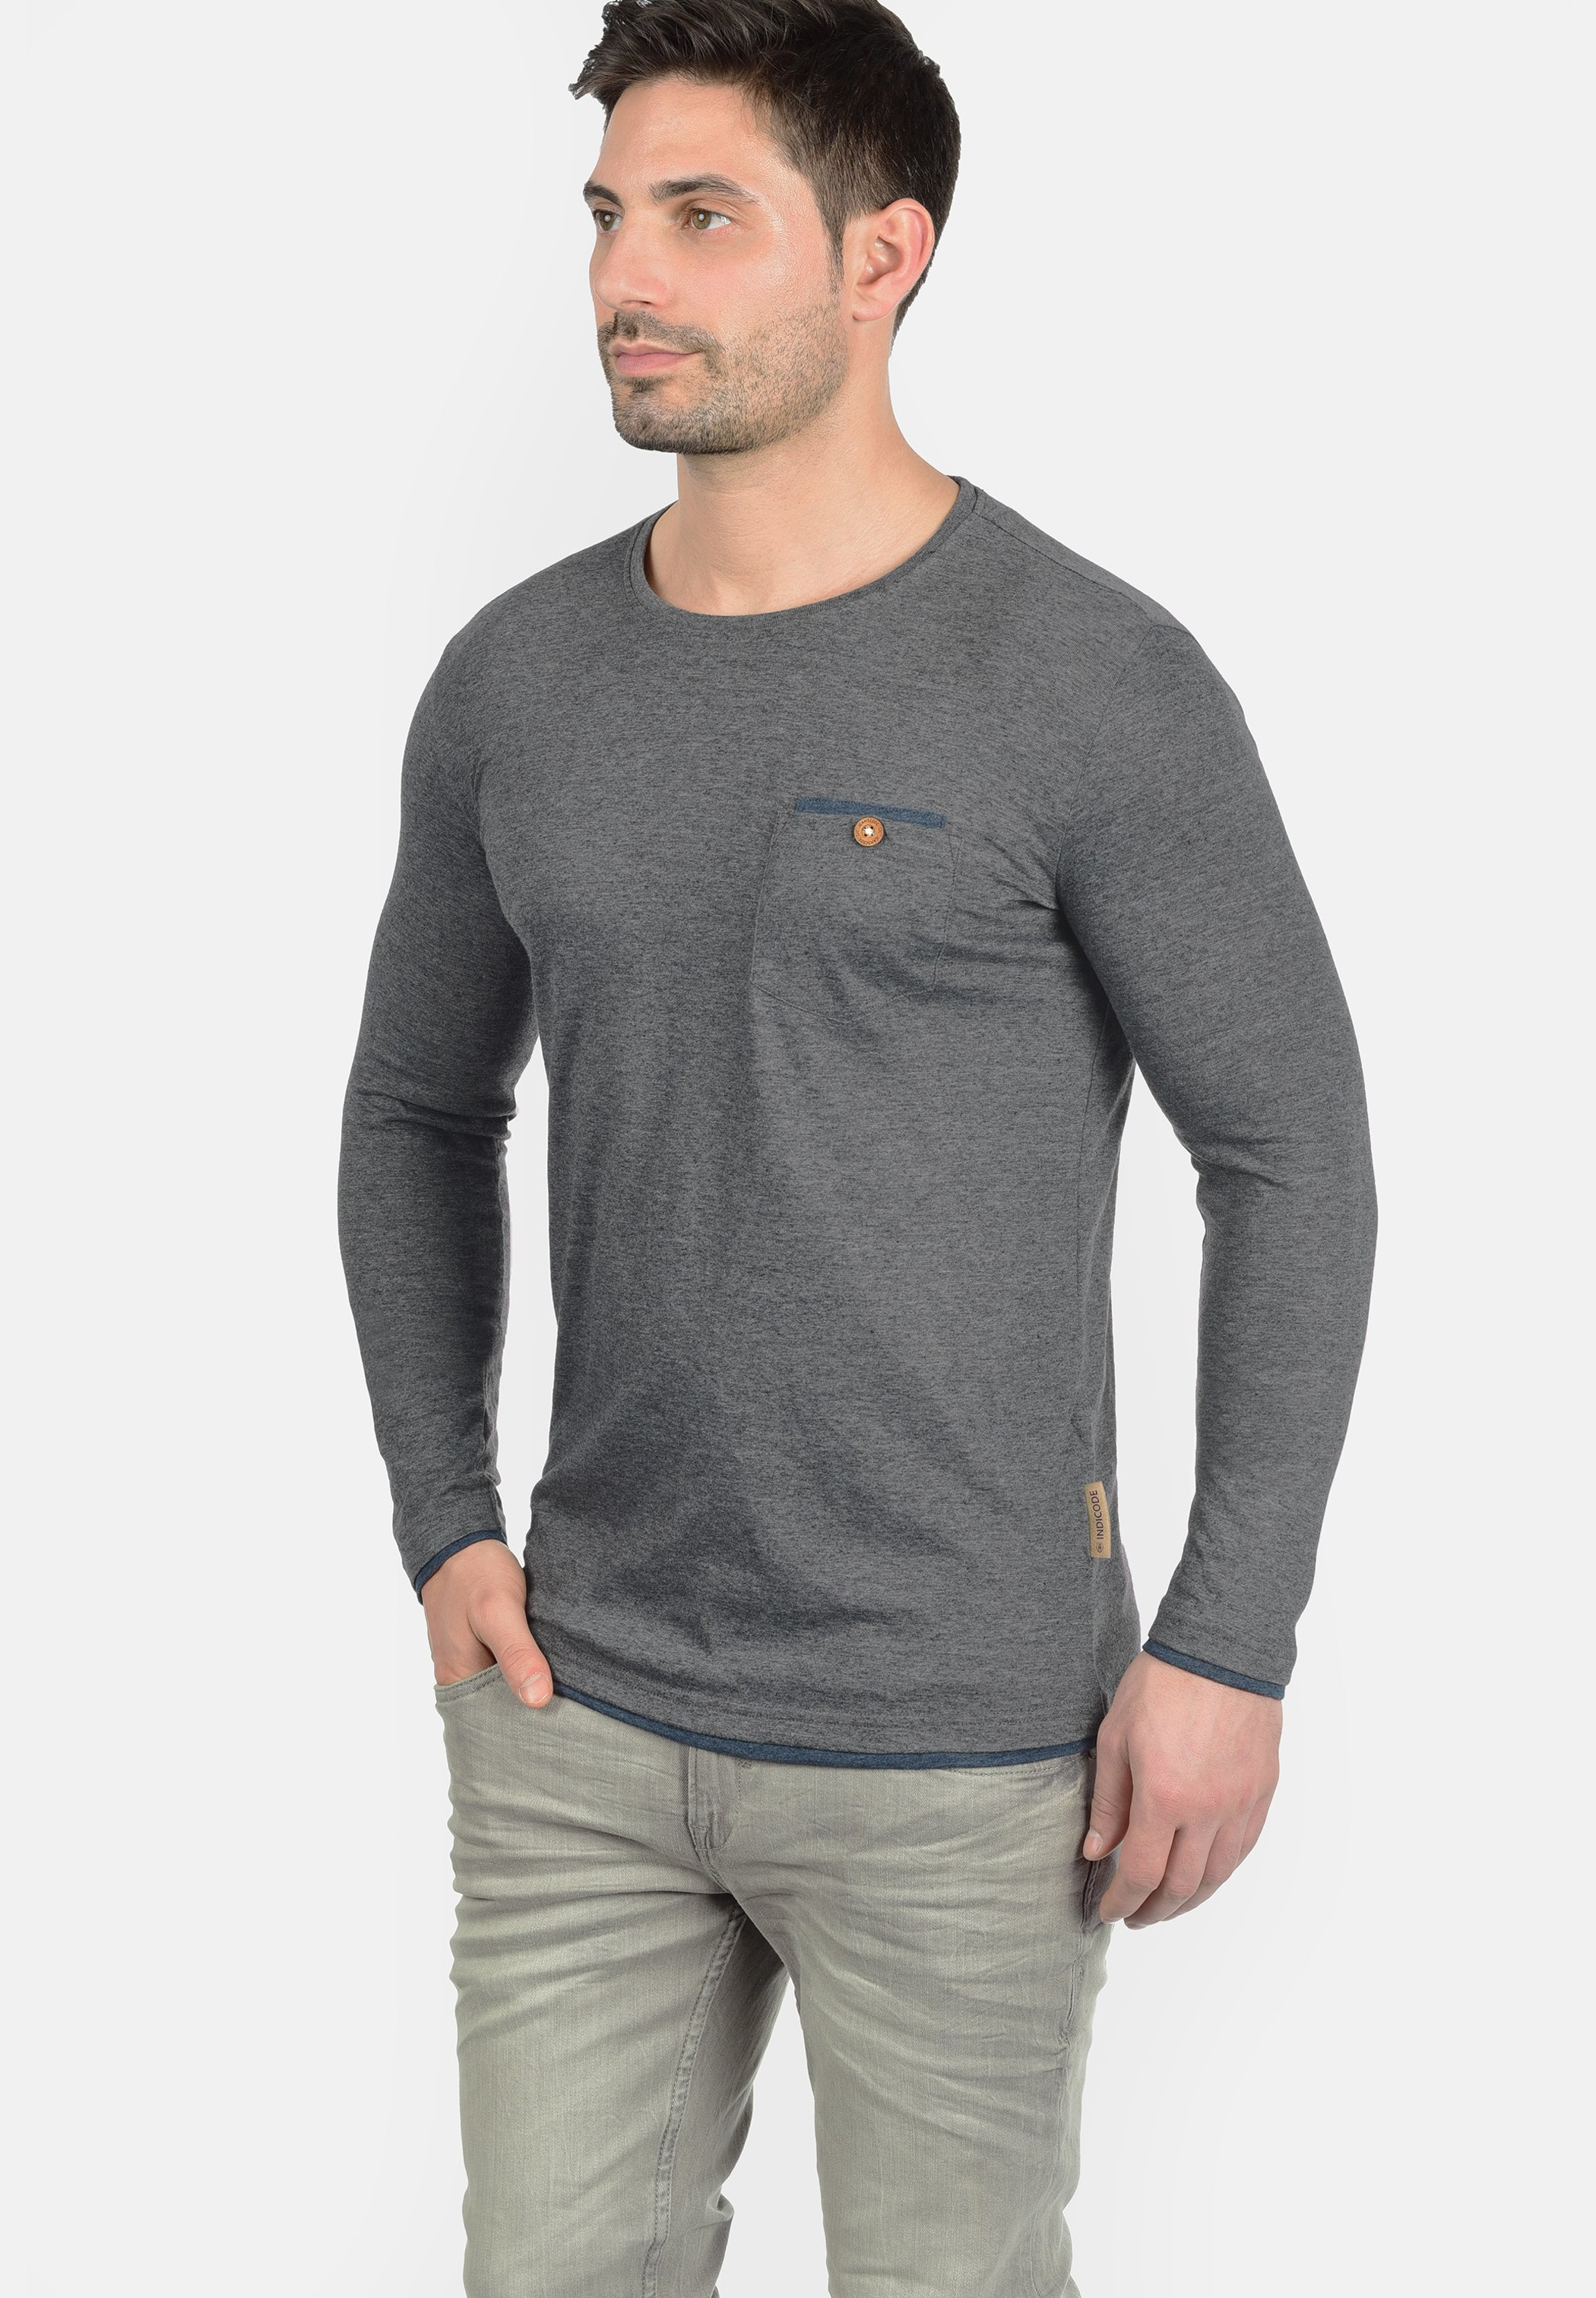 Uomo REGULAR FIT - Maglietta a manica lunga